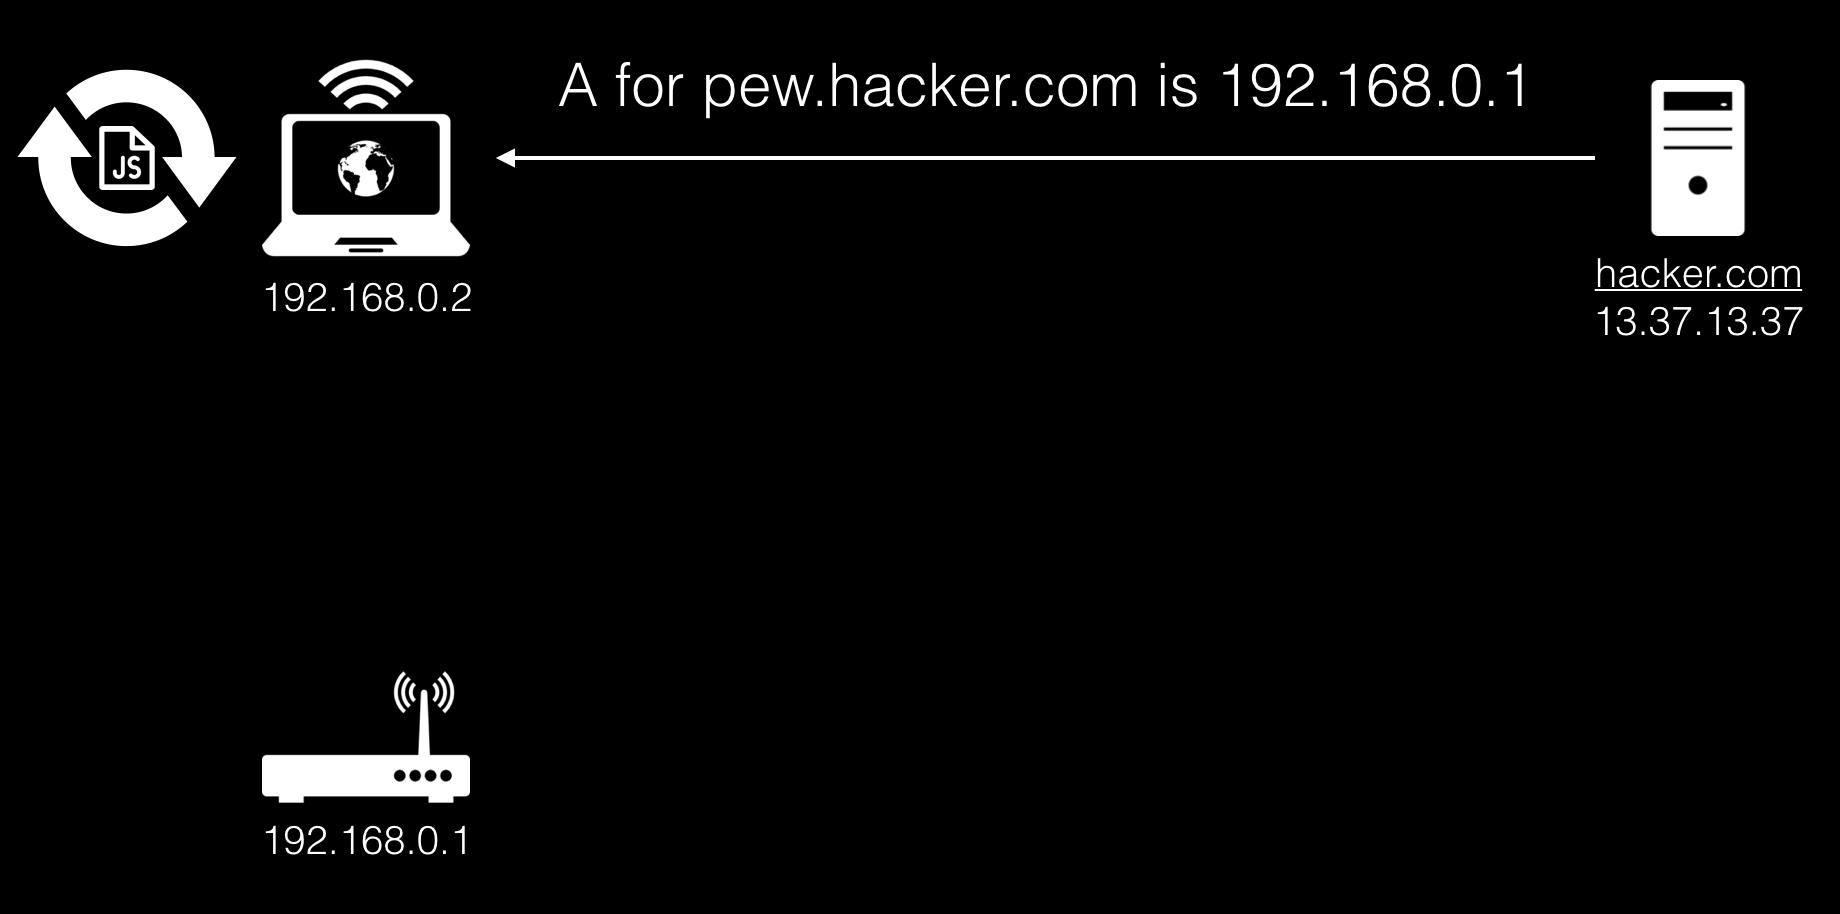 DNS rebinding в 2k19, или как по-настоящему вспотеть, посетив порносайт - 8